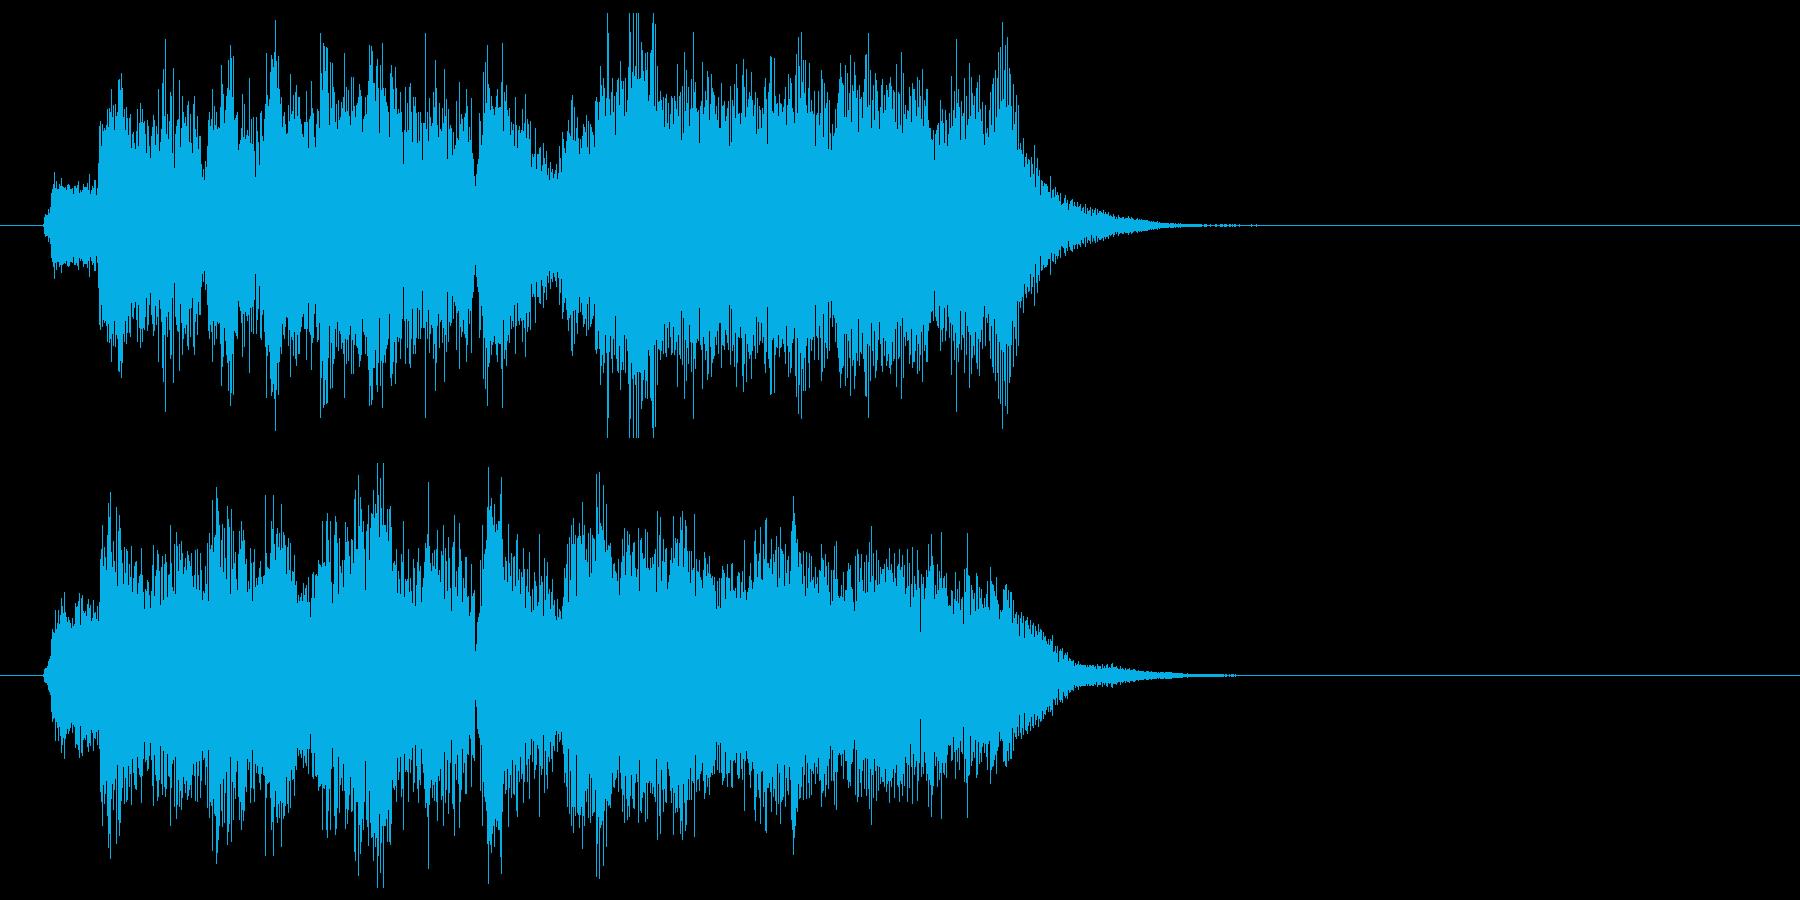 トランペットのファンファーレの再生済みの波形